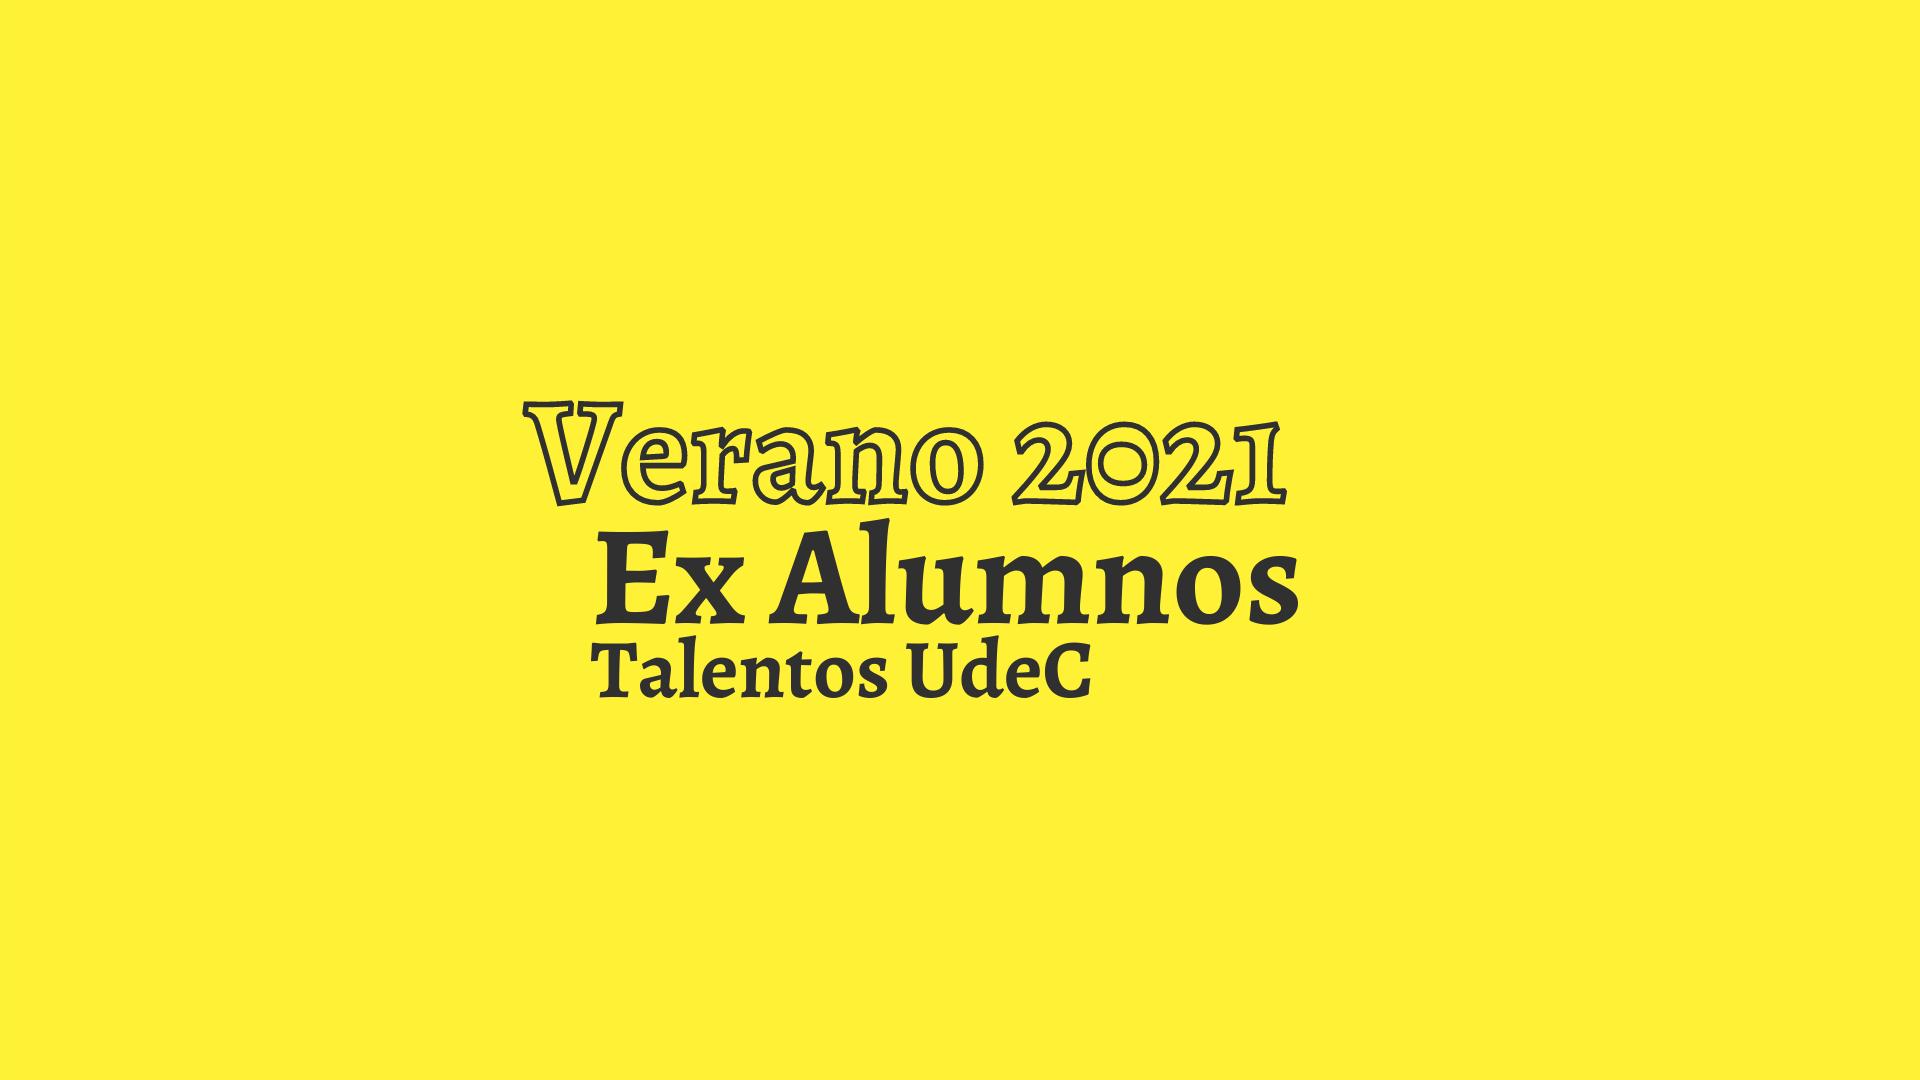 Alumni en Verano